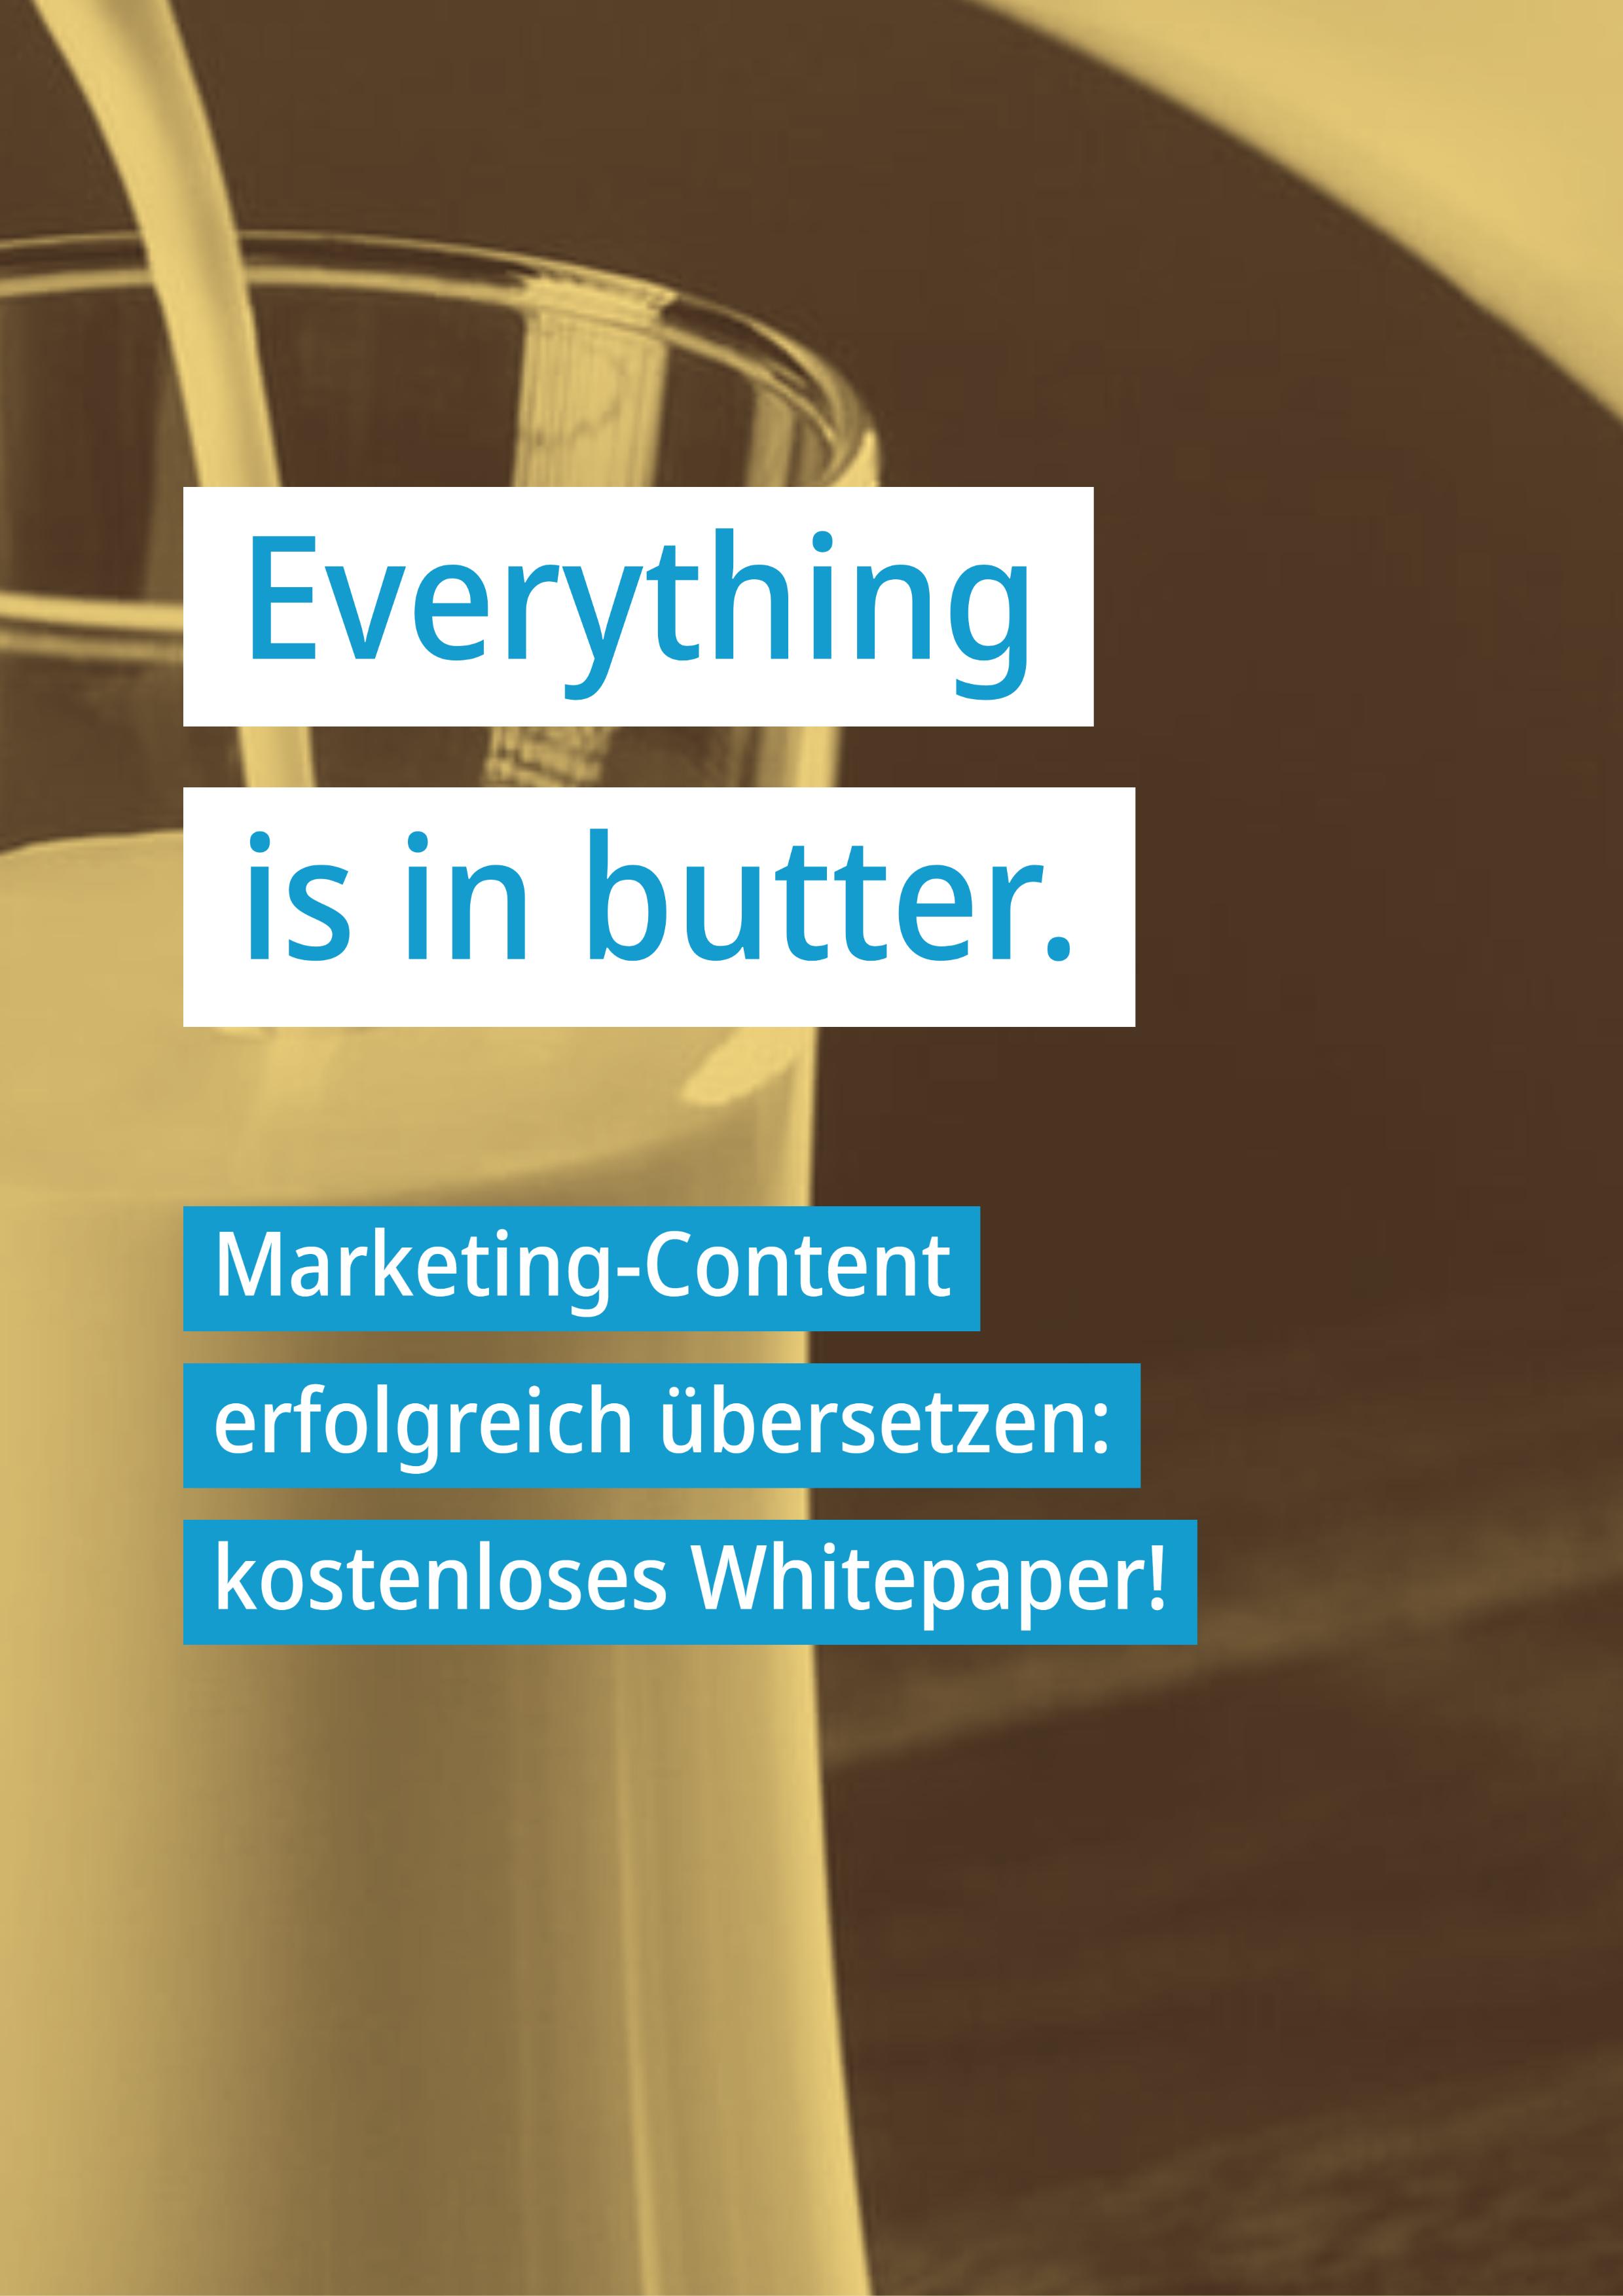 Marketing-Content erfolgreich übersetzen